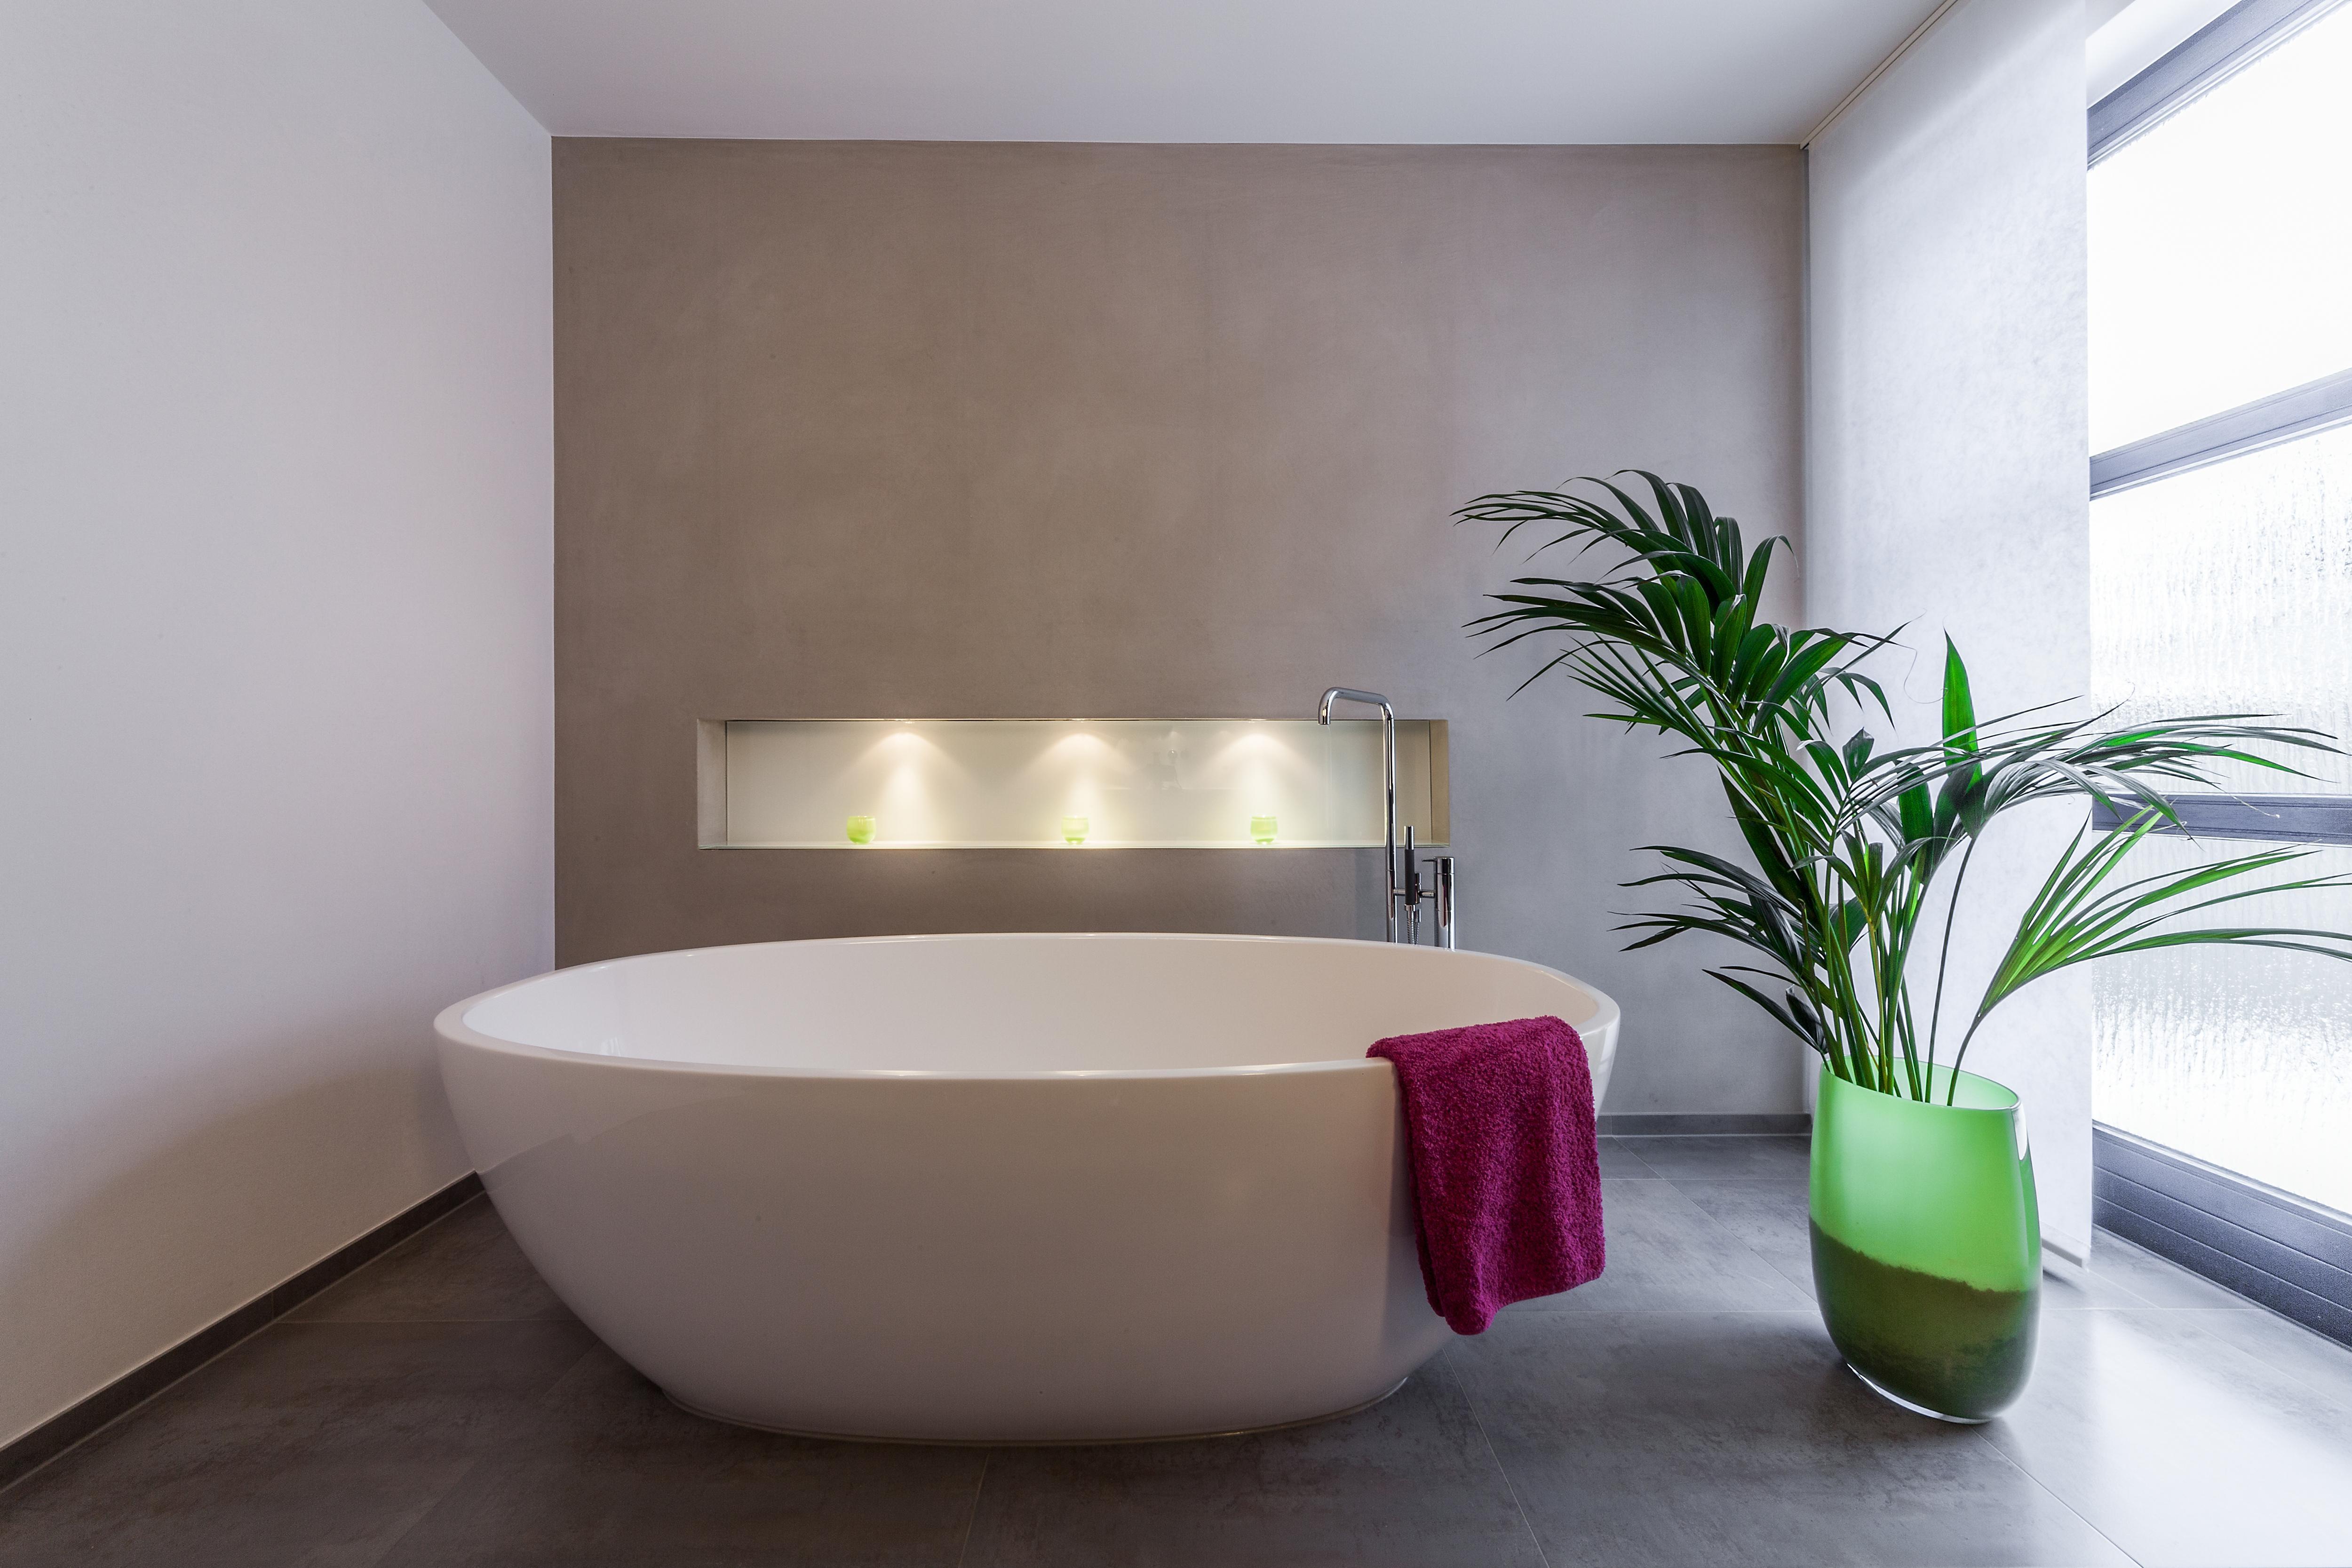 bestebadstudios badezimmer bad badewanne badsanierung modernesbadezimmer minimalismus - Badezimmer Bilder